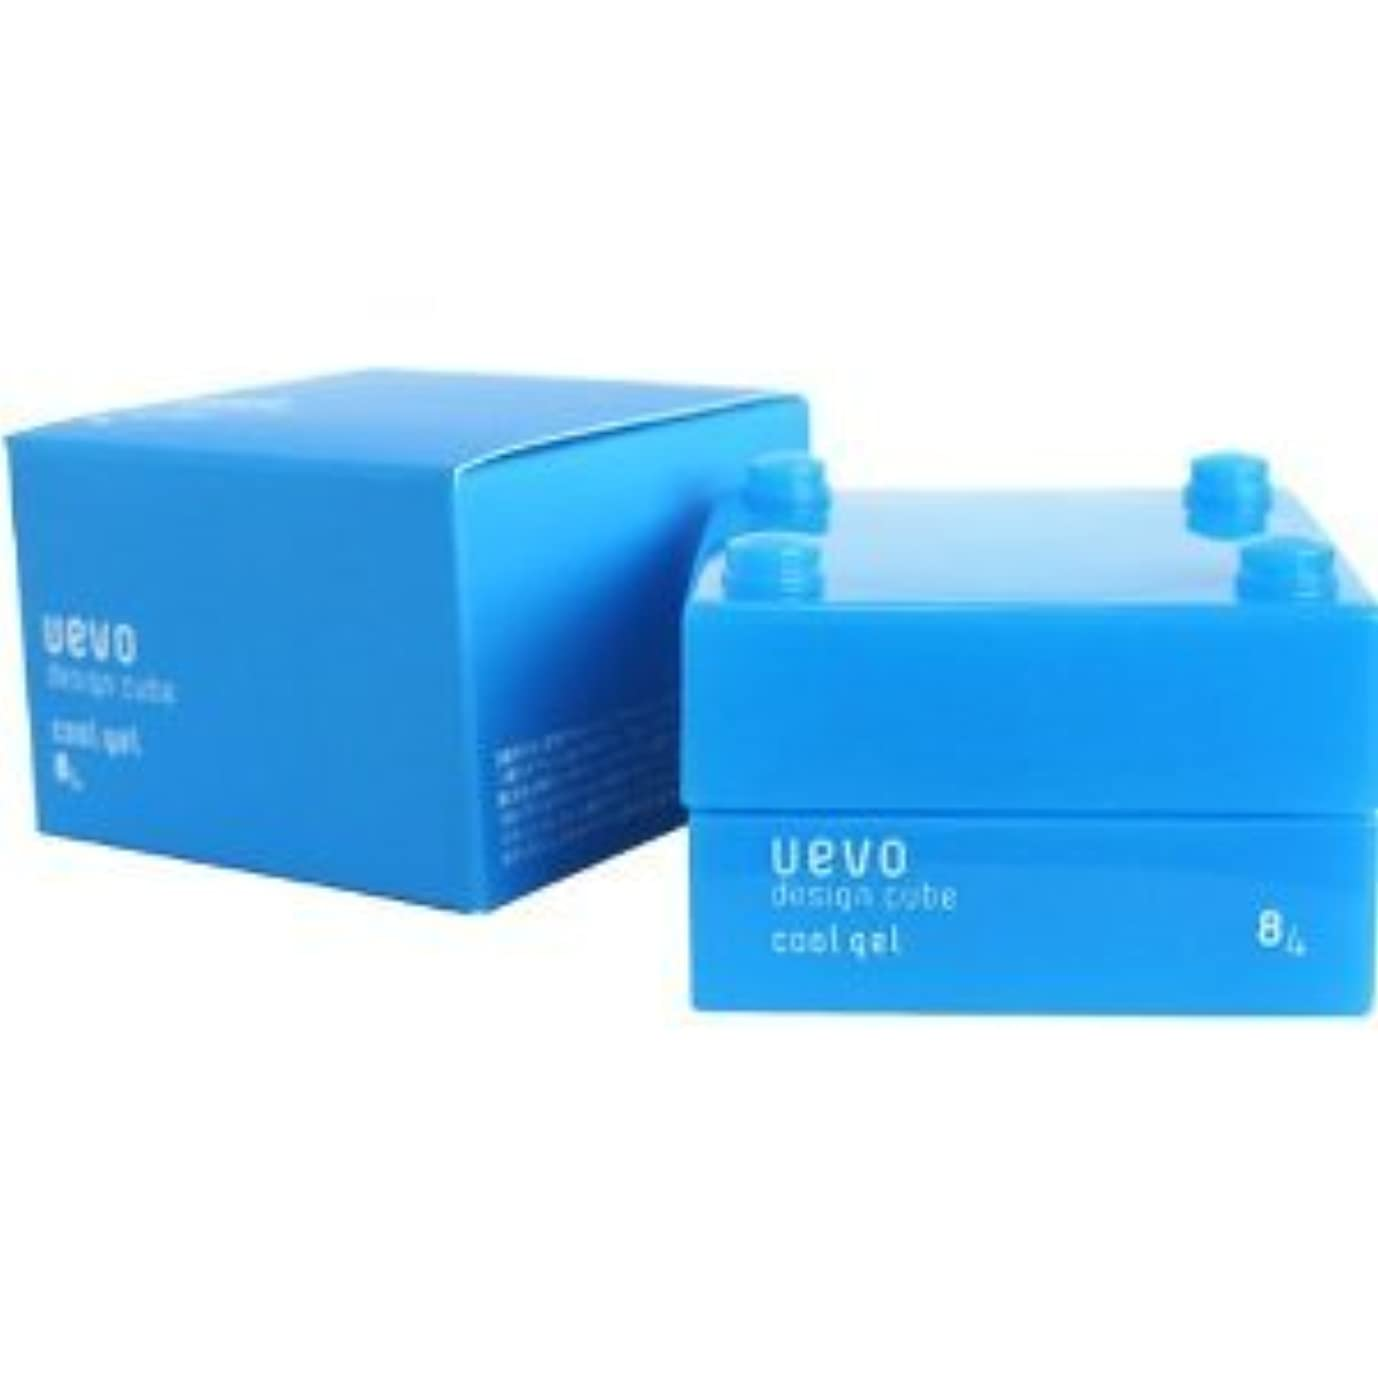 代替切り離す誤解する【X3個セット】 デミ ウェーボ デザインキューブ クールジェル 30g cool gel DEMI uevo design cube